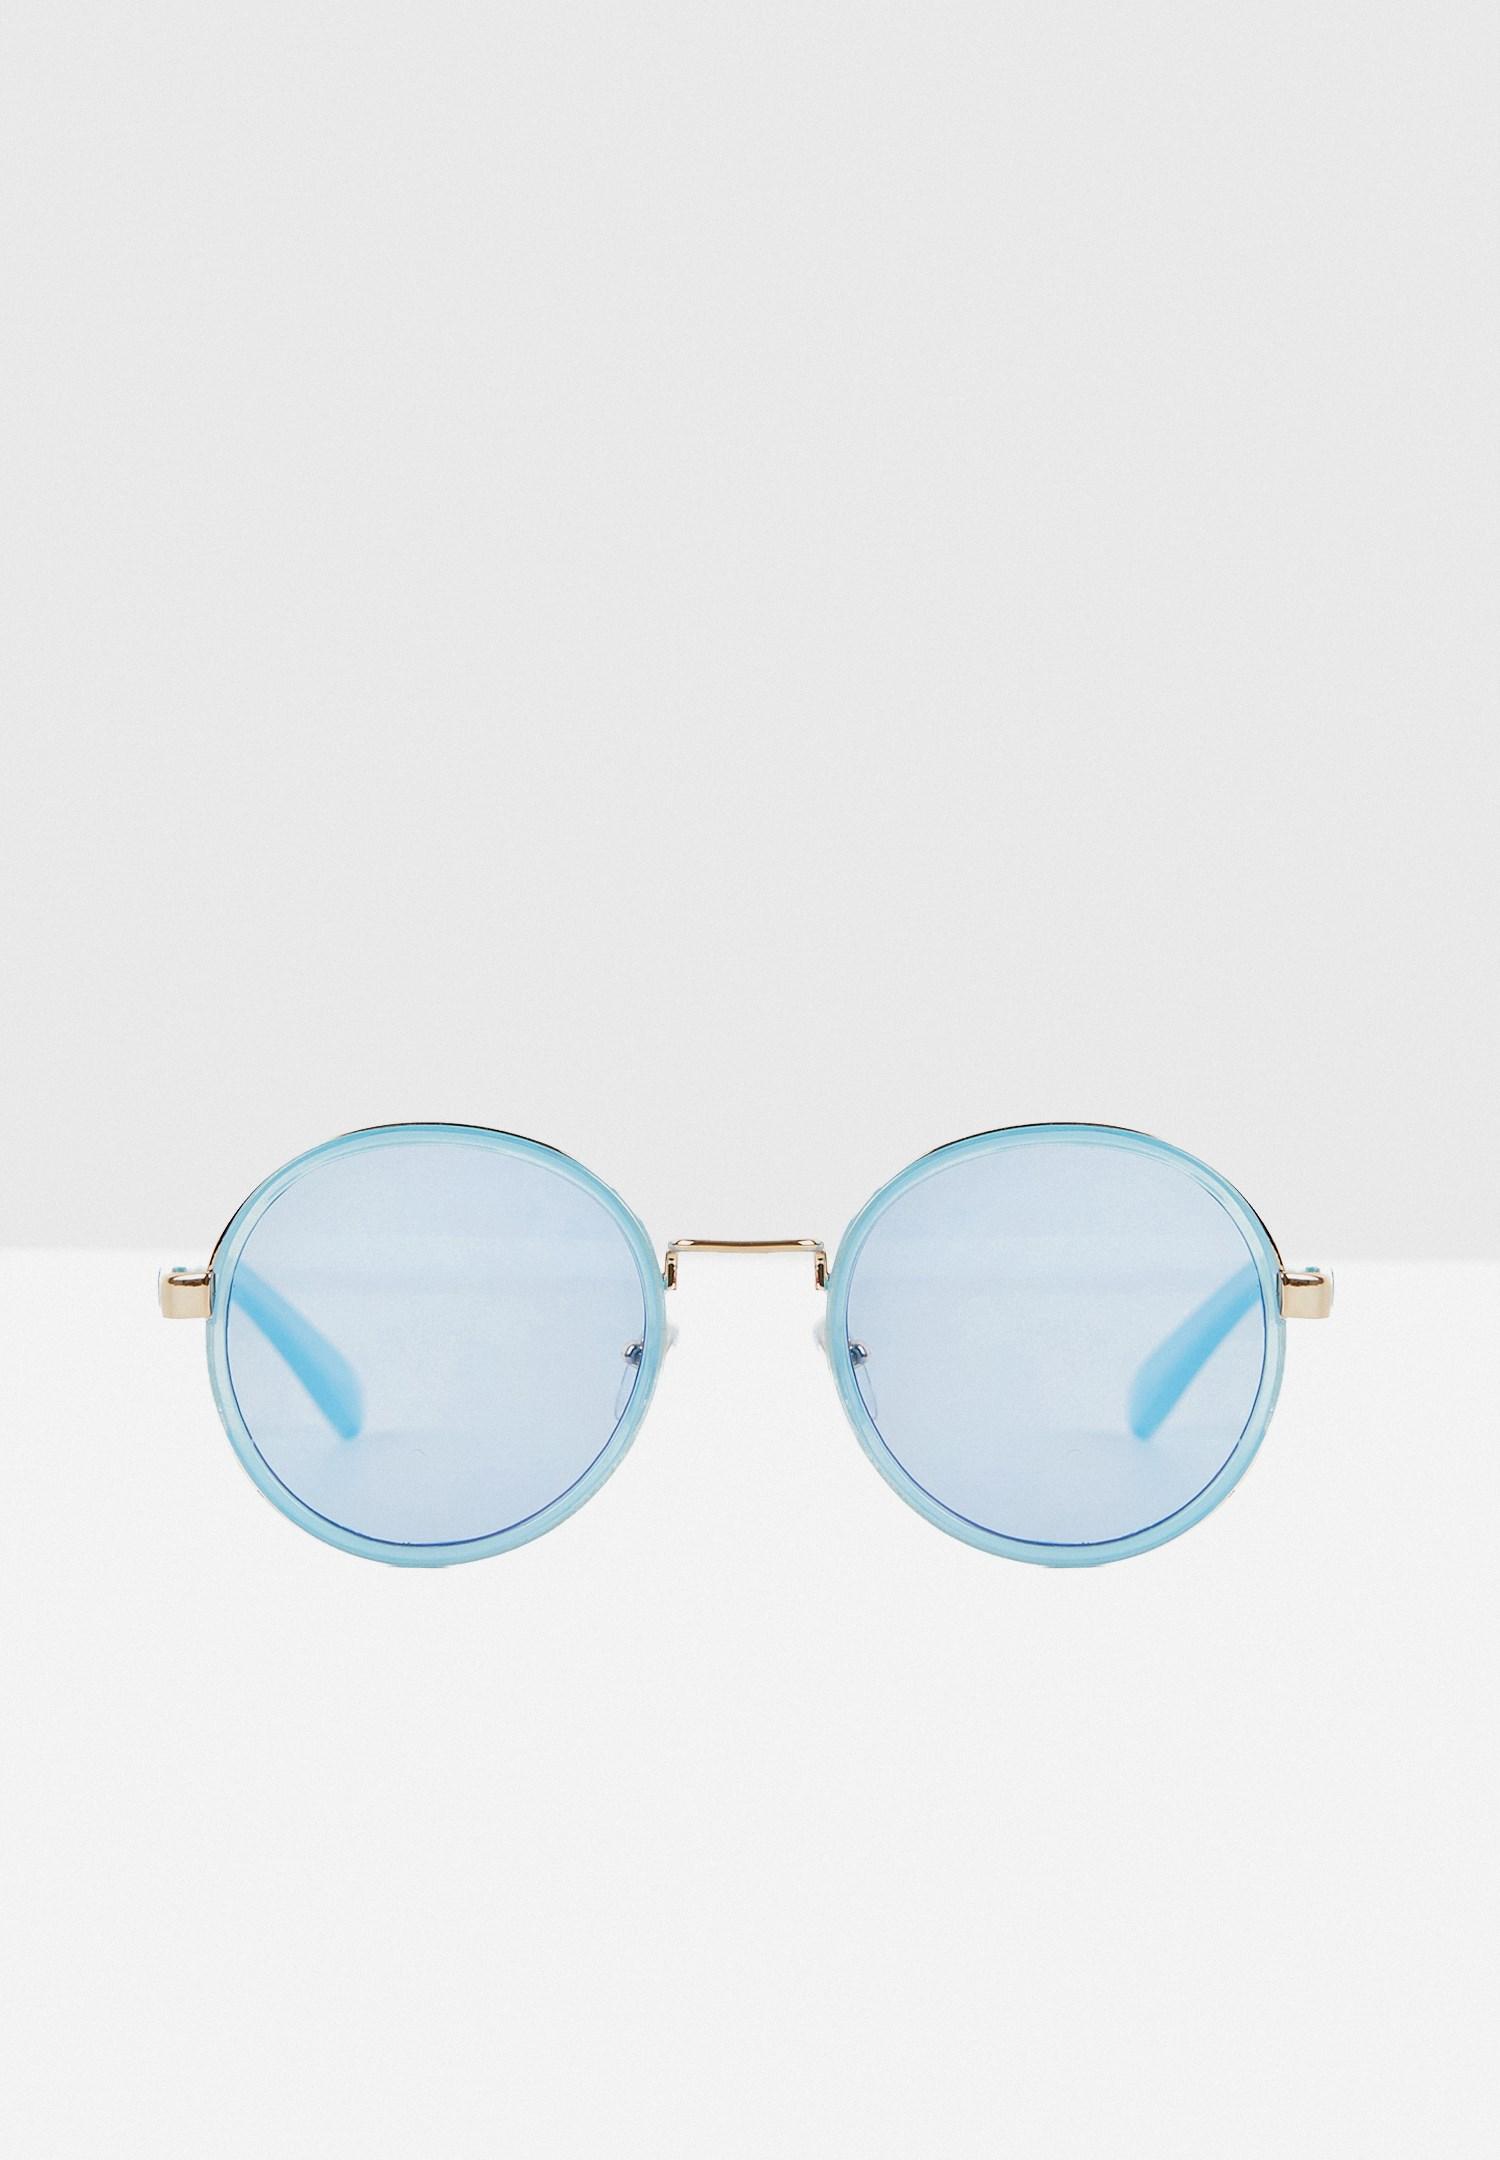 Bayan Mavi Yuvarlak Çerçeveli Gold Detaylı Gözlük